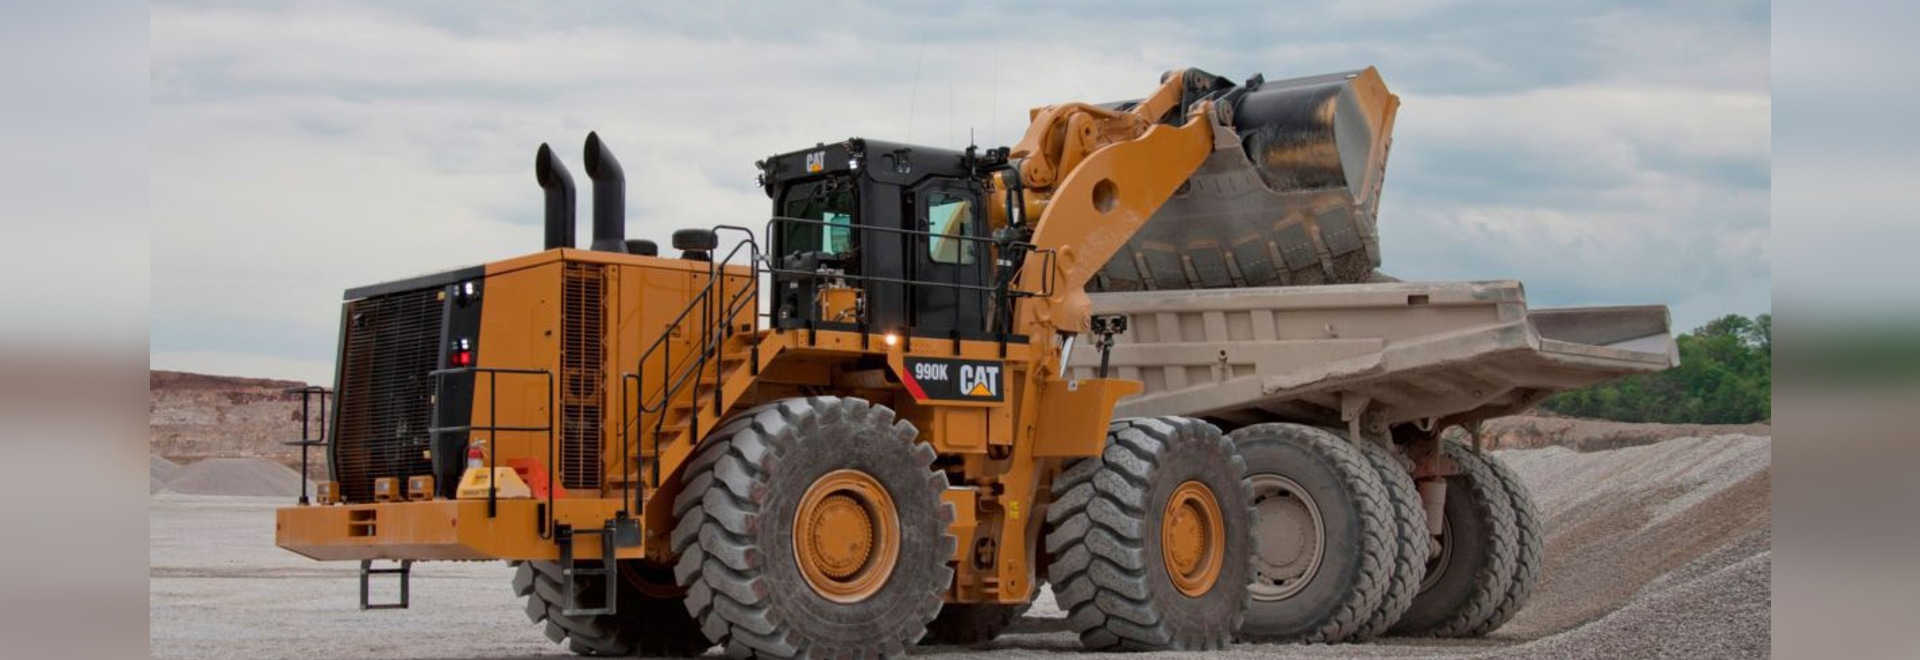 Nuevo transportista del carbón con la carga útil creciente